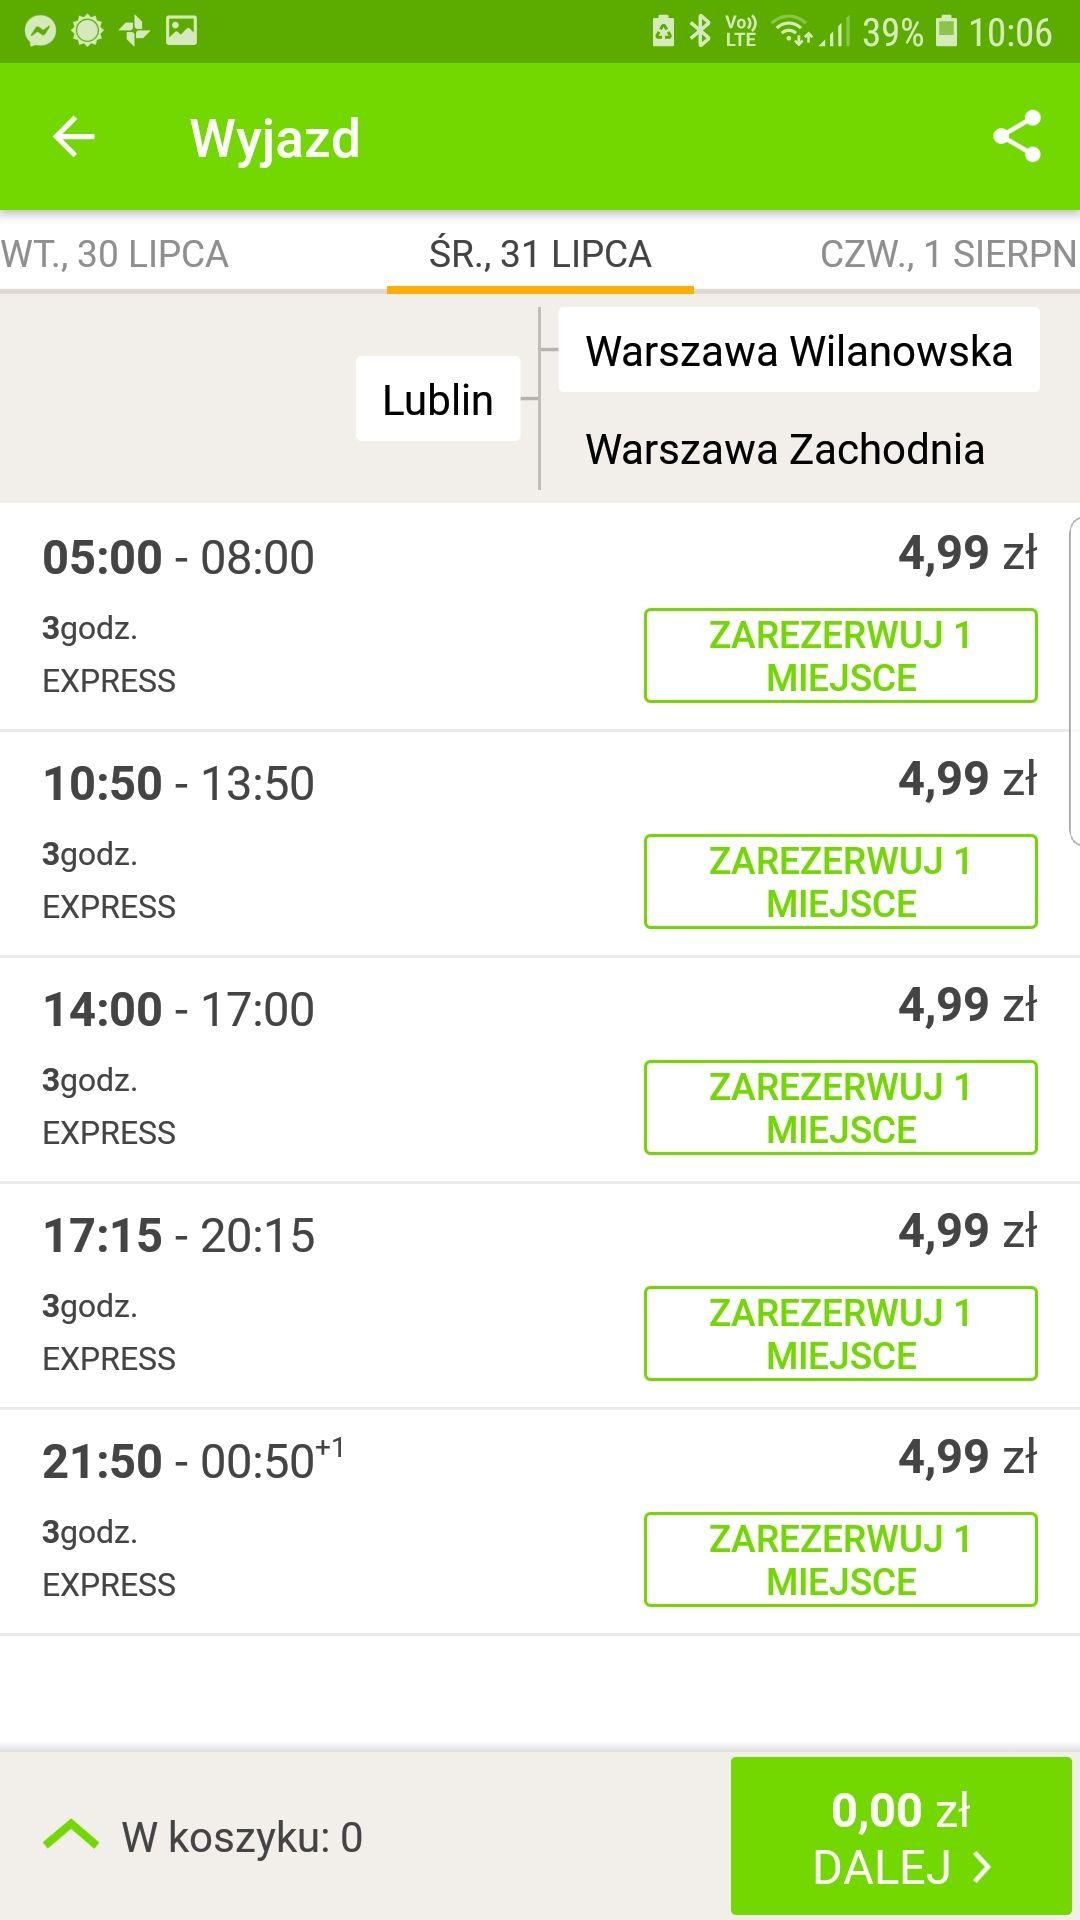 FlixBus:  Lublin --> Warszawa Wilanowska za 4,99 zł. (30-31.07)